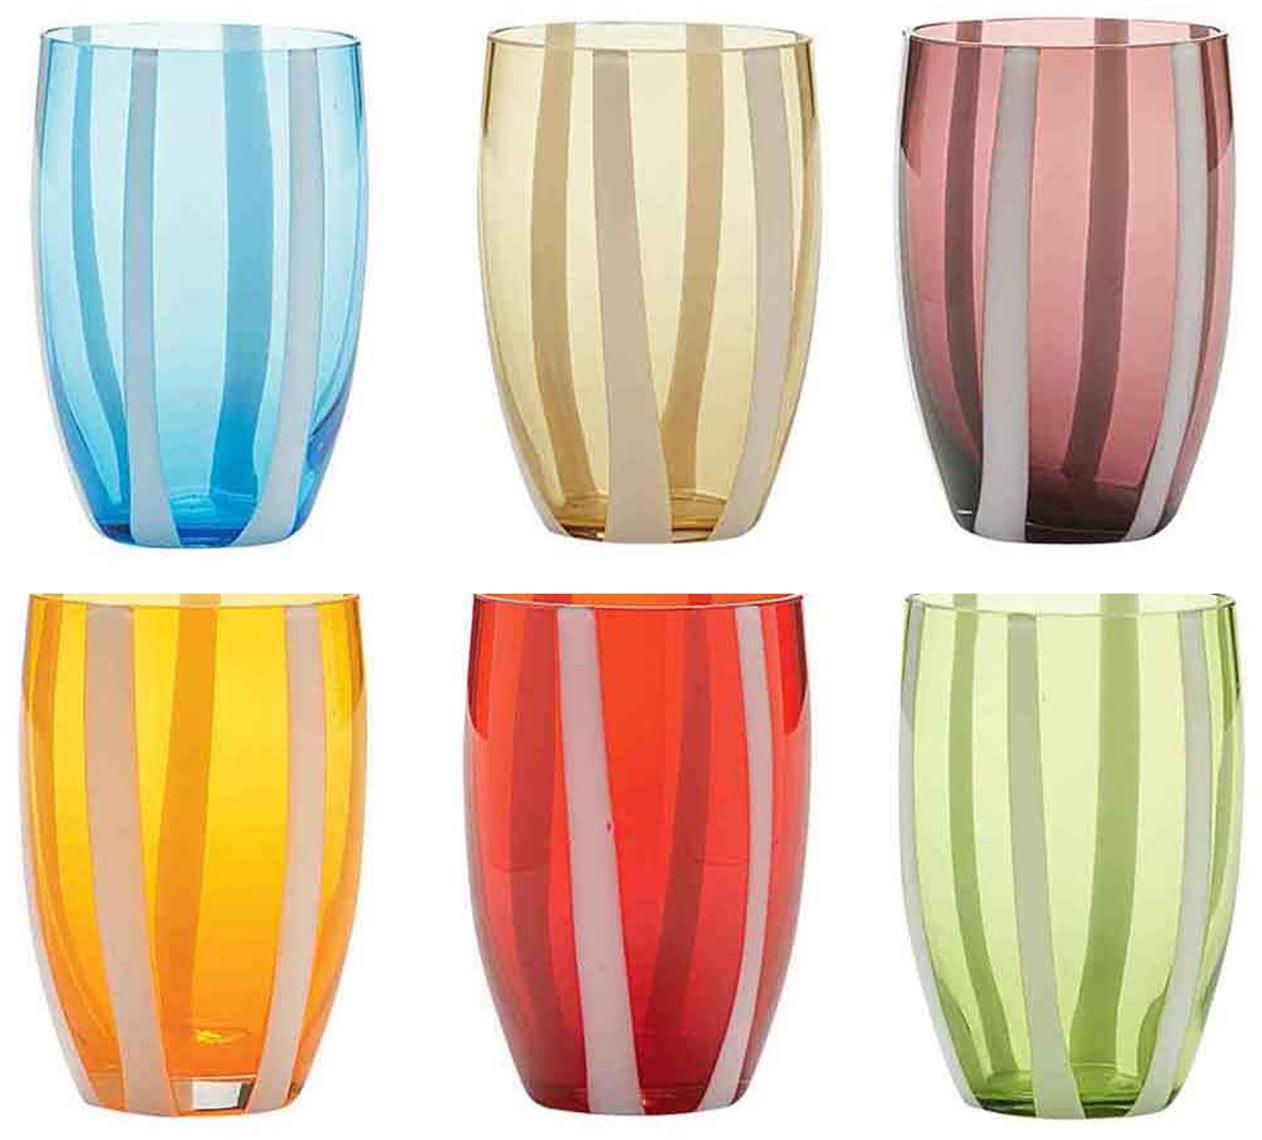 Mondgeblazen waterglazen Gessato in kleur, 6-delig, Glas, Wit, aqua, amberkleurig, pastelpaars, oranje, rood, groen, Ø 7 x H 11 cm